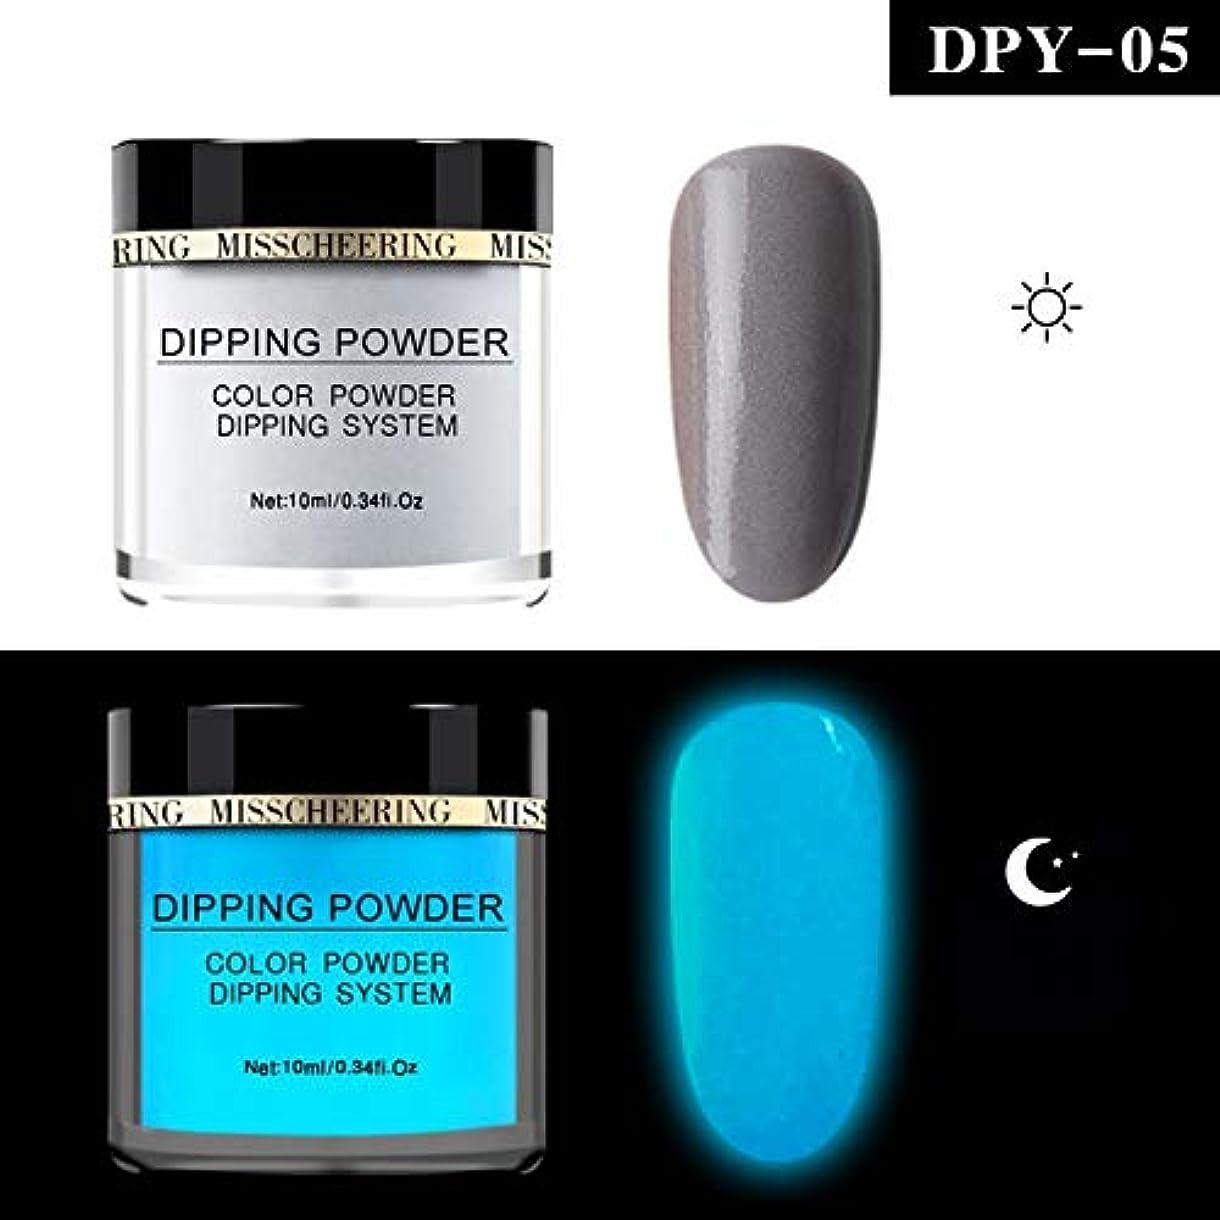 劇作家解読する区別する10ml Luminous Nail Powder Fluorescent Art Pigment Dipping Glitter Decoration Natural Dry NO Lamp Cure Long Last